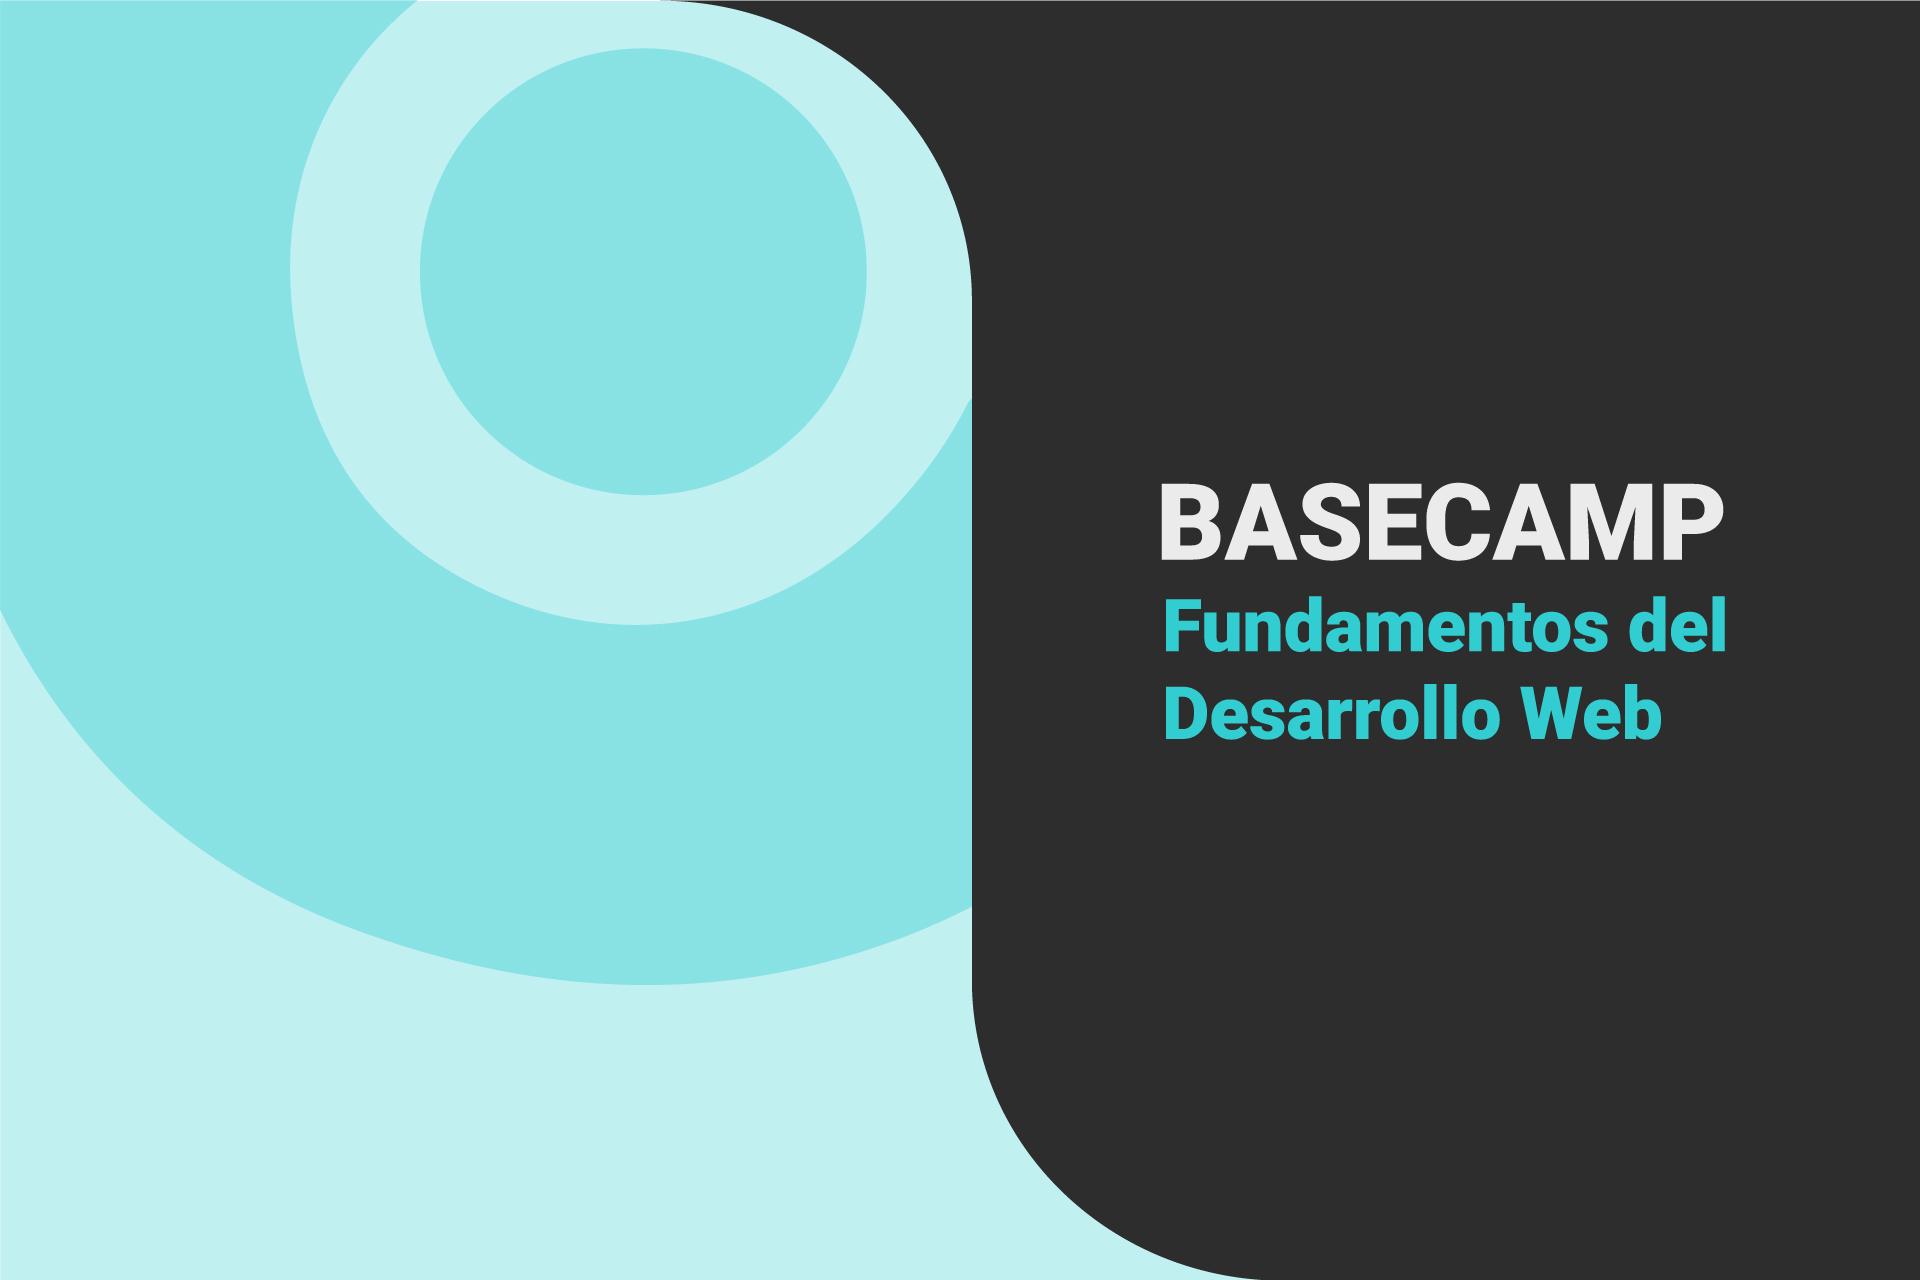 Basecamp Fundamentos del Desarrollo Web | Gen1